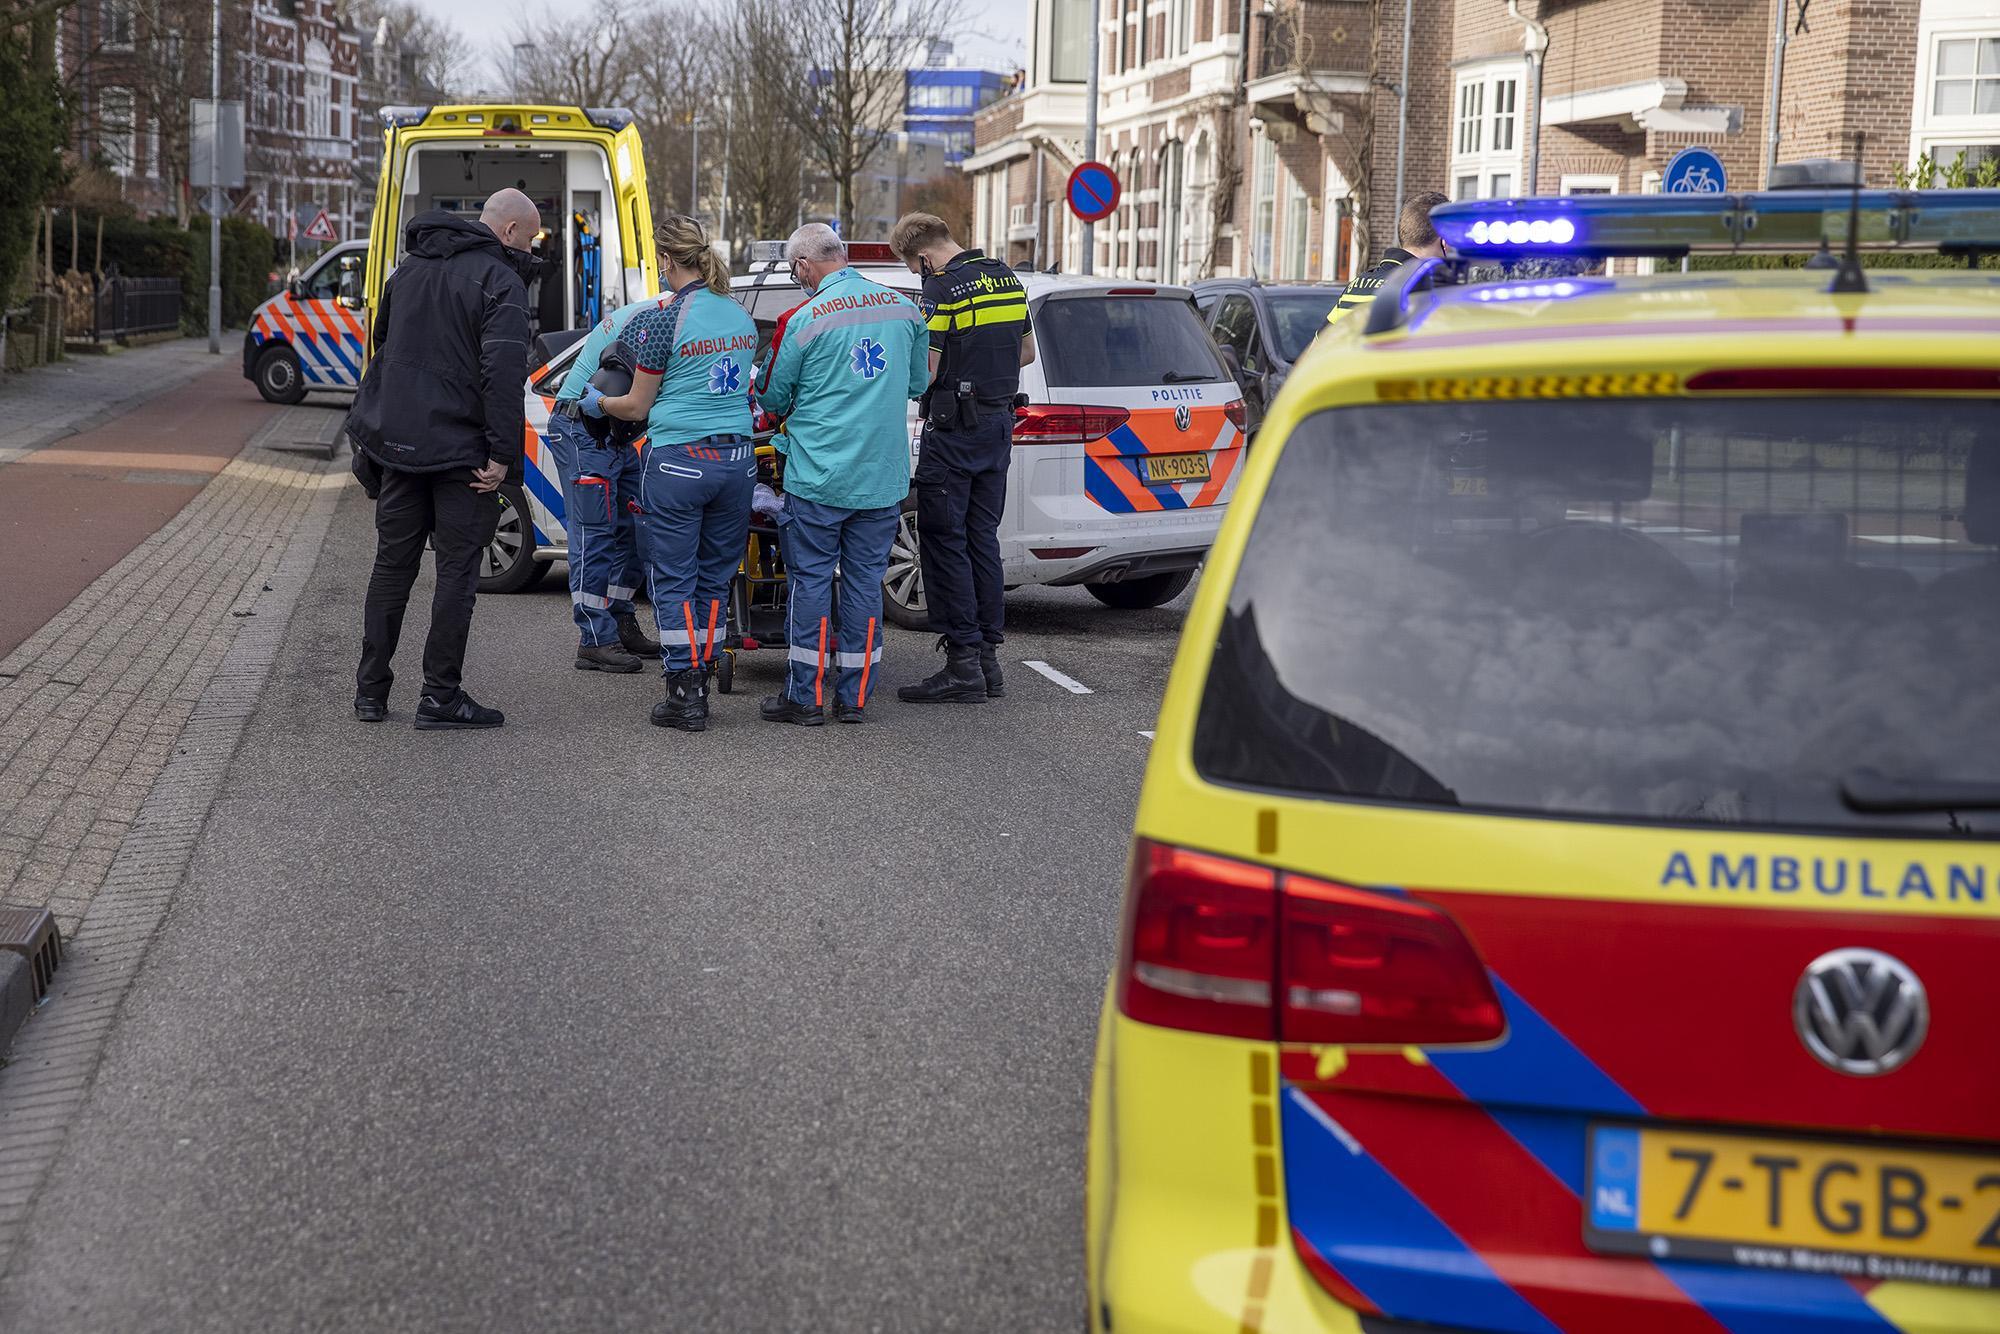 Motorscooterrijder klapt op taxi in Haarlem, bestuurder naar ziekenhuis